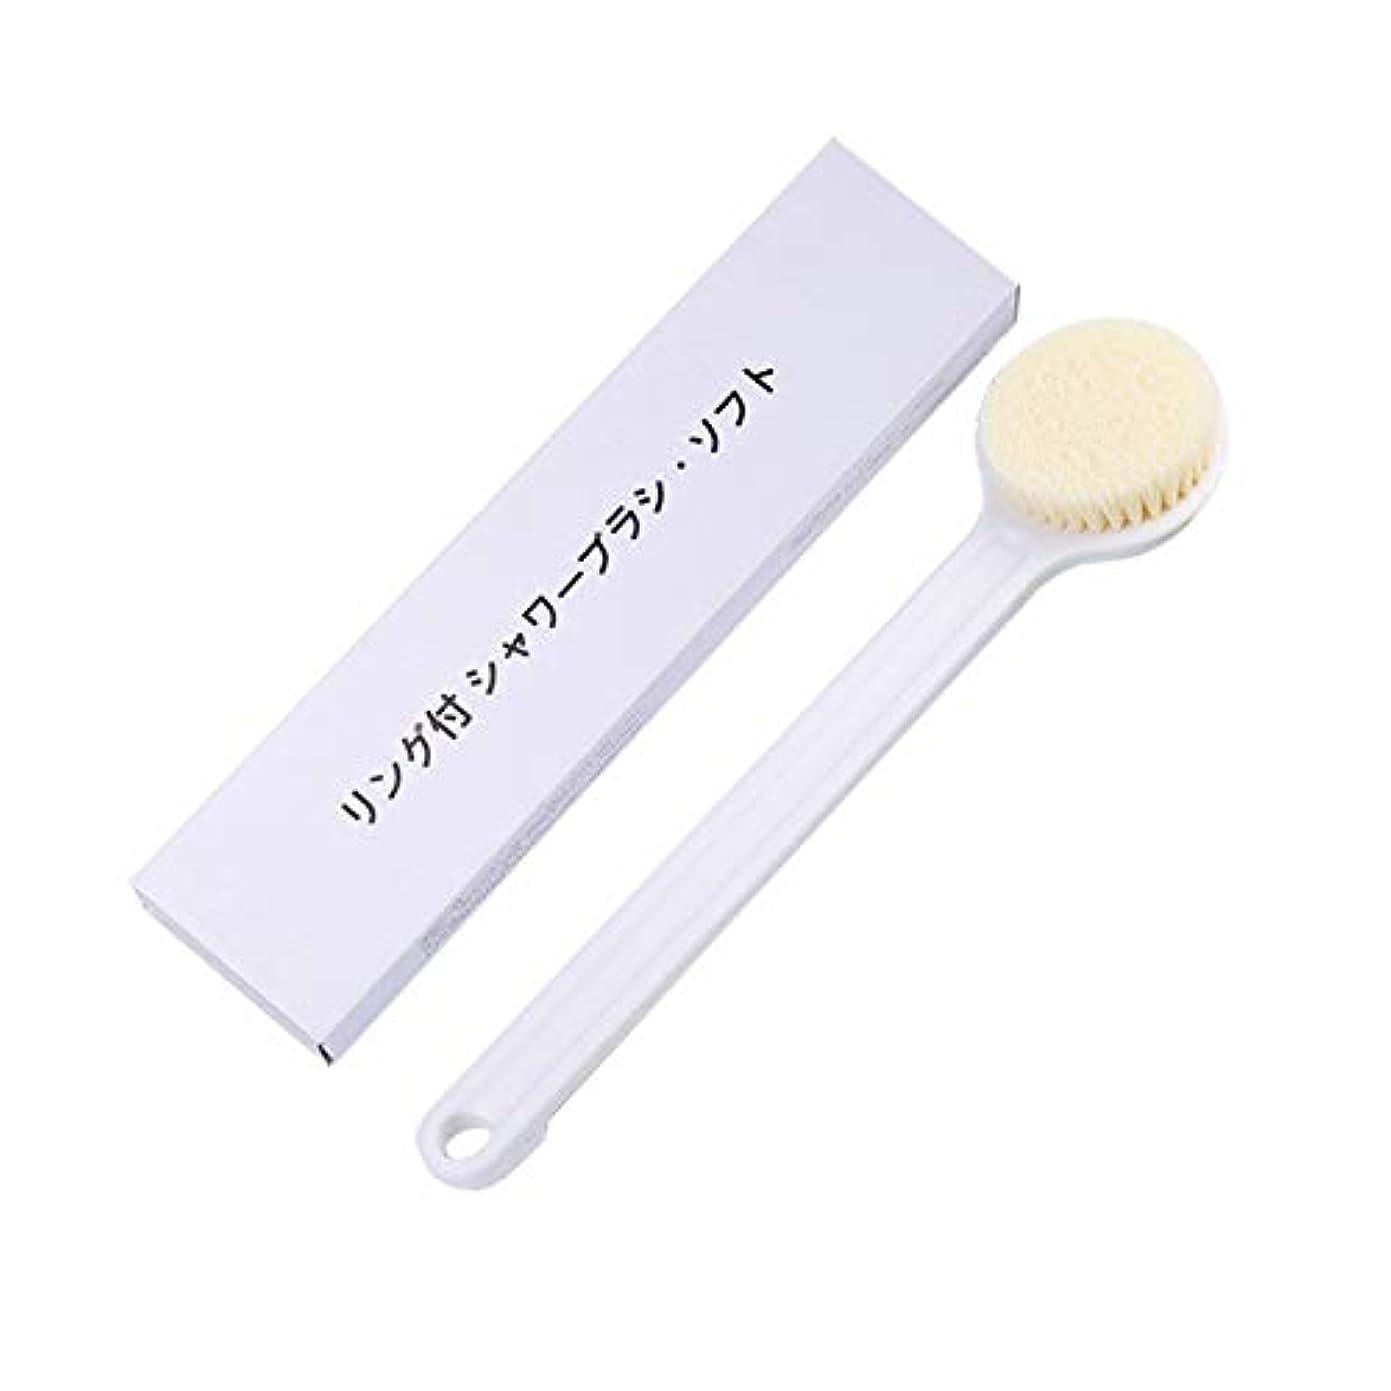 フェードアウト規定キャンディーLITI ボディブラシ ソフトヘアアンチスリップロングハンドル 背中ブラシ お風呂 シャワーブラシ 背中まで届く 長柄 体 洗い